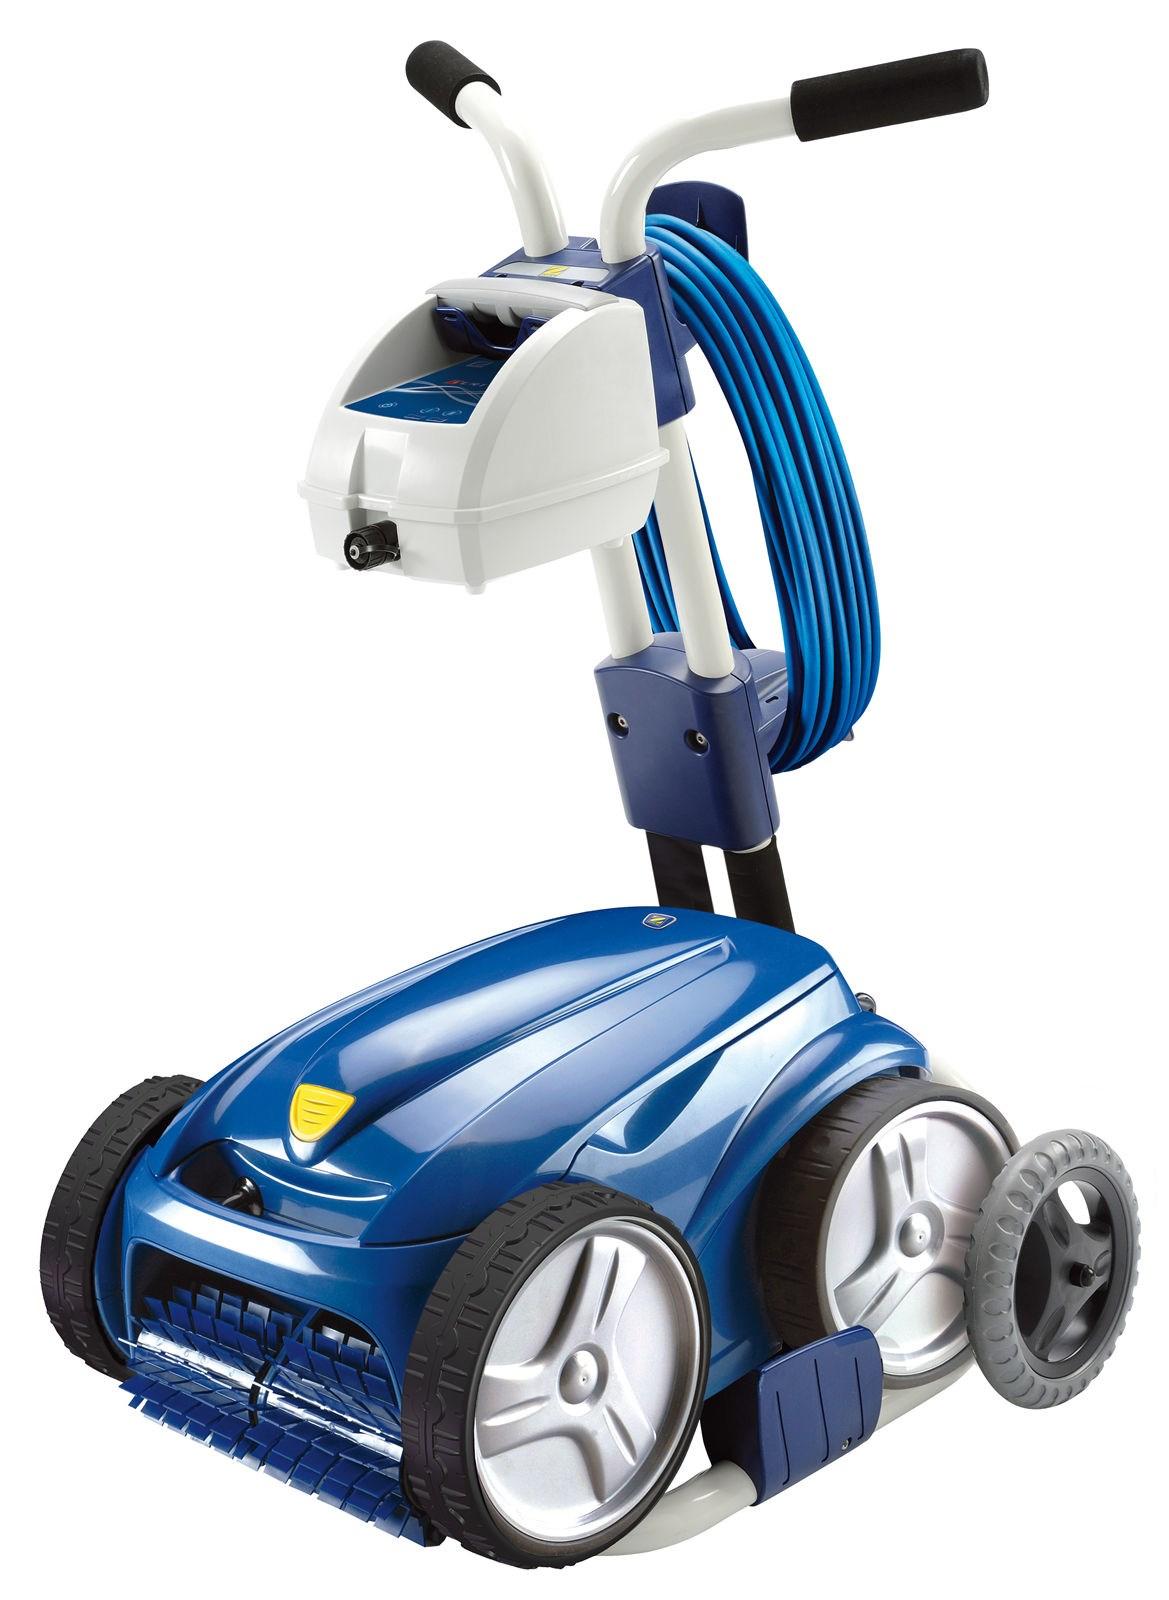 Robot lectrique pour piscine psa for Robot pour piscine